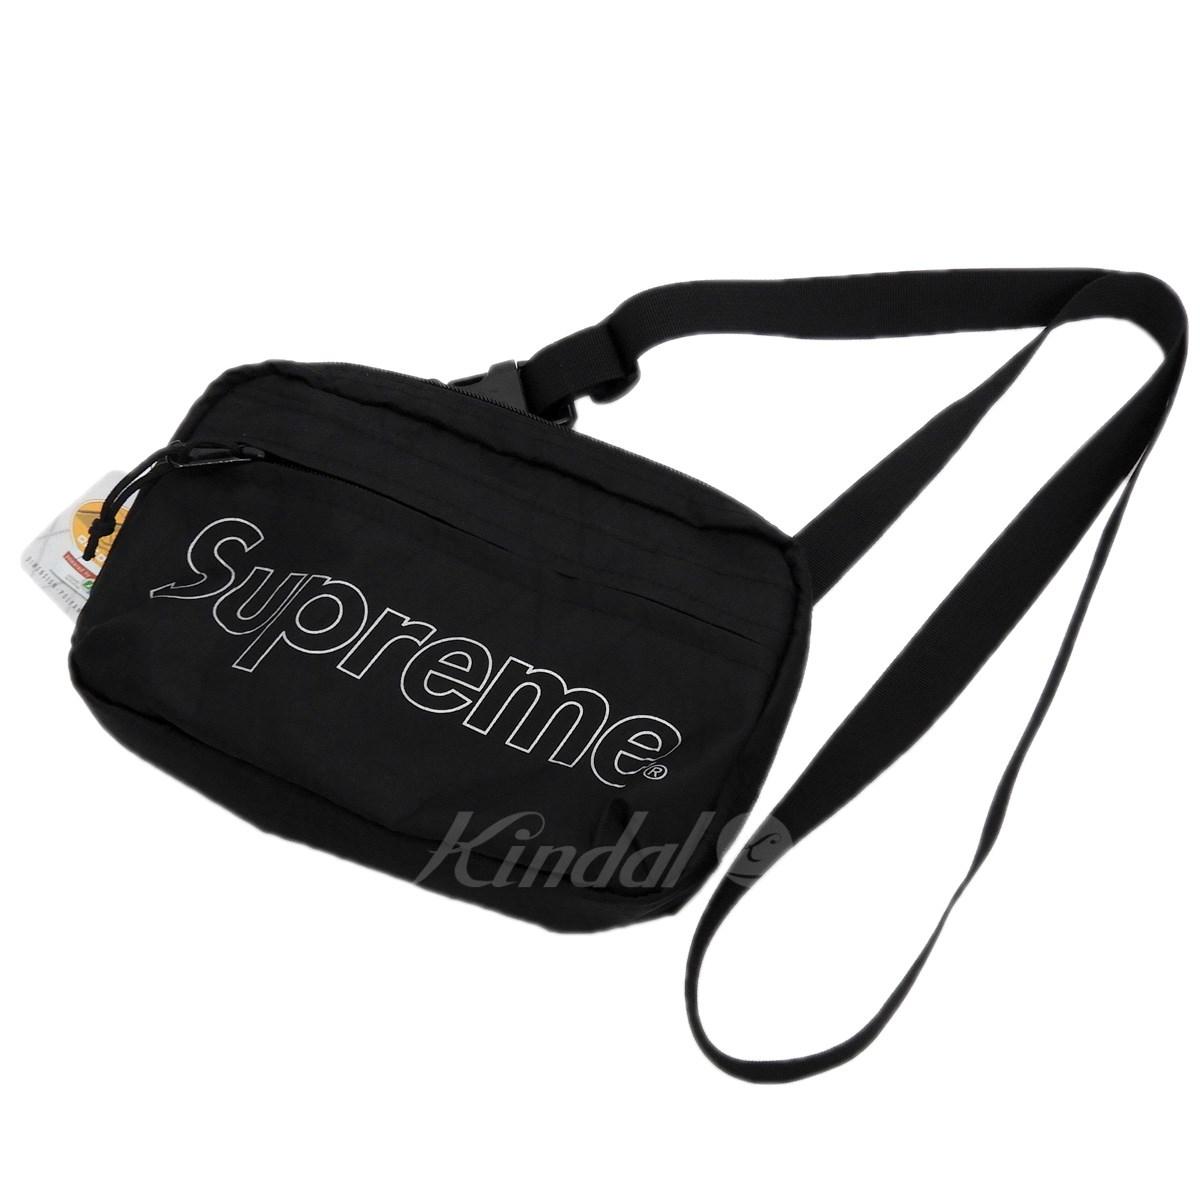 【10月15日 お値段見直しました】【中古】SUPREME2018AW 「Shoulder Bag」ショルダーバッグ ブラック 【送料無料】